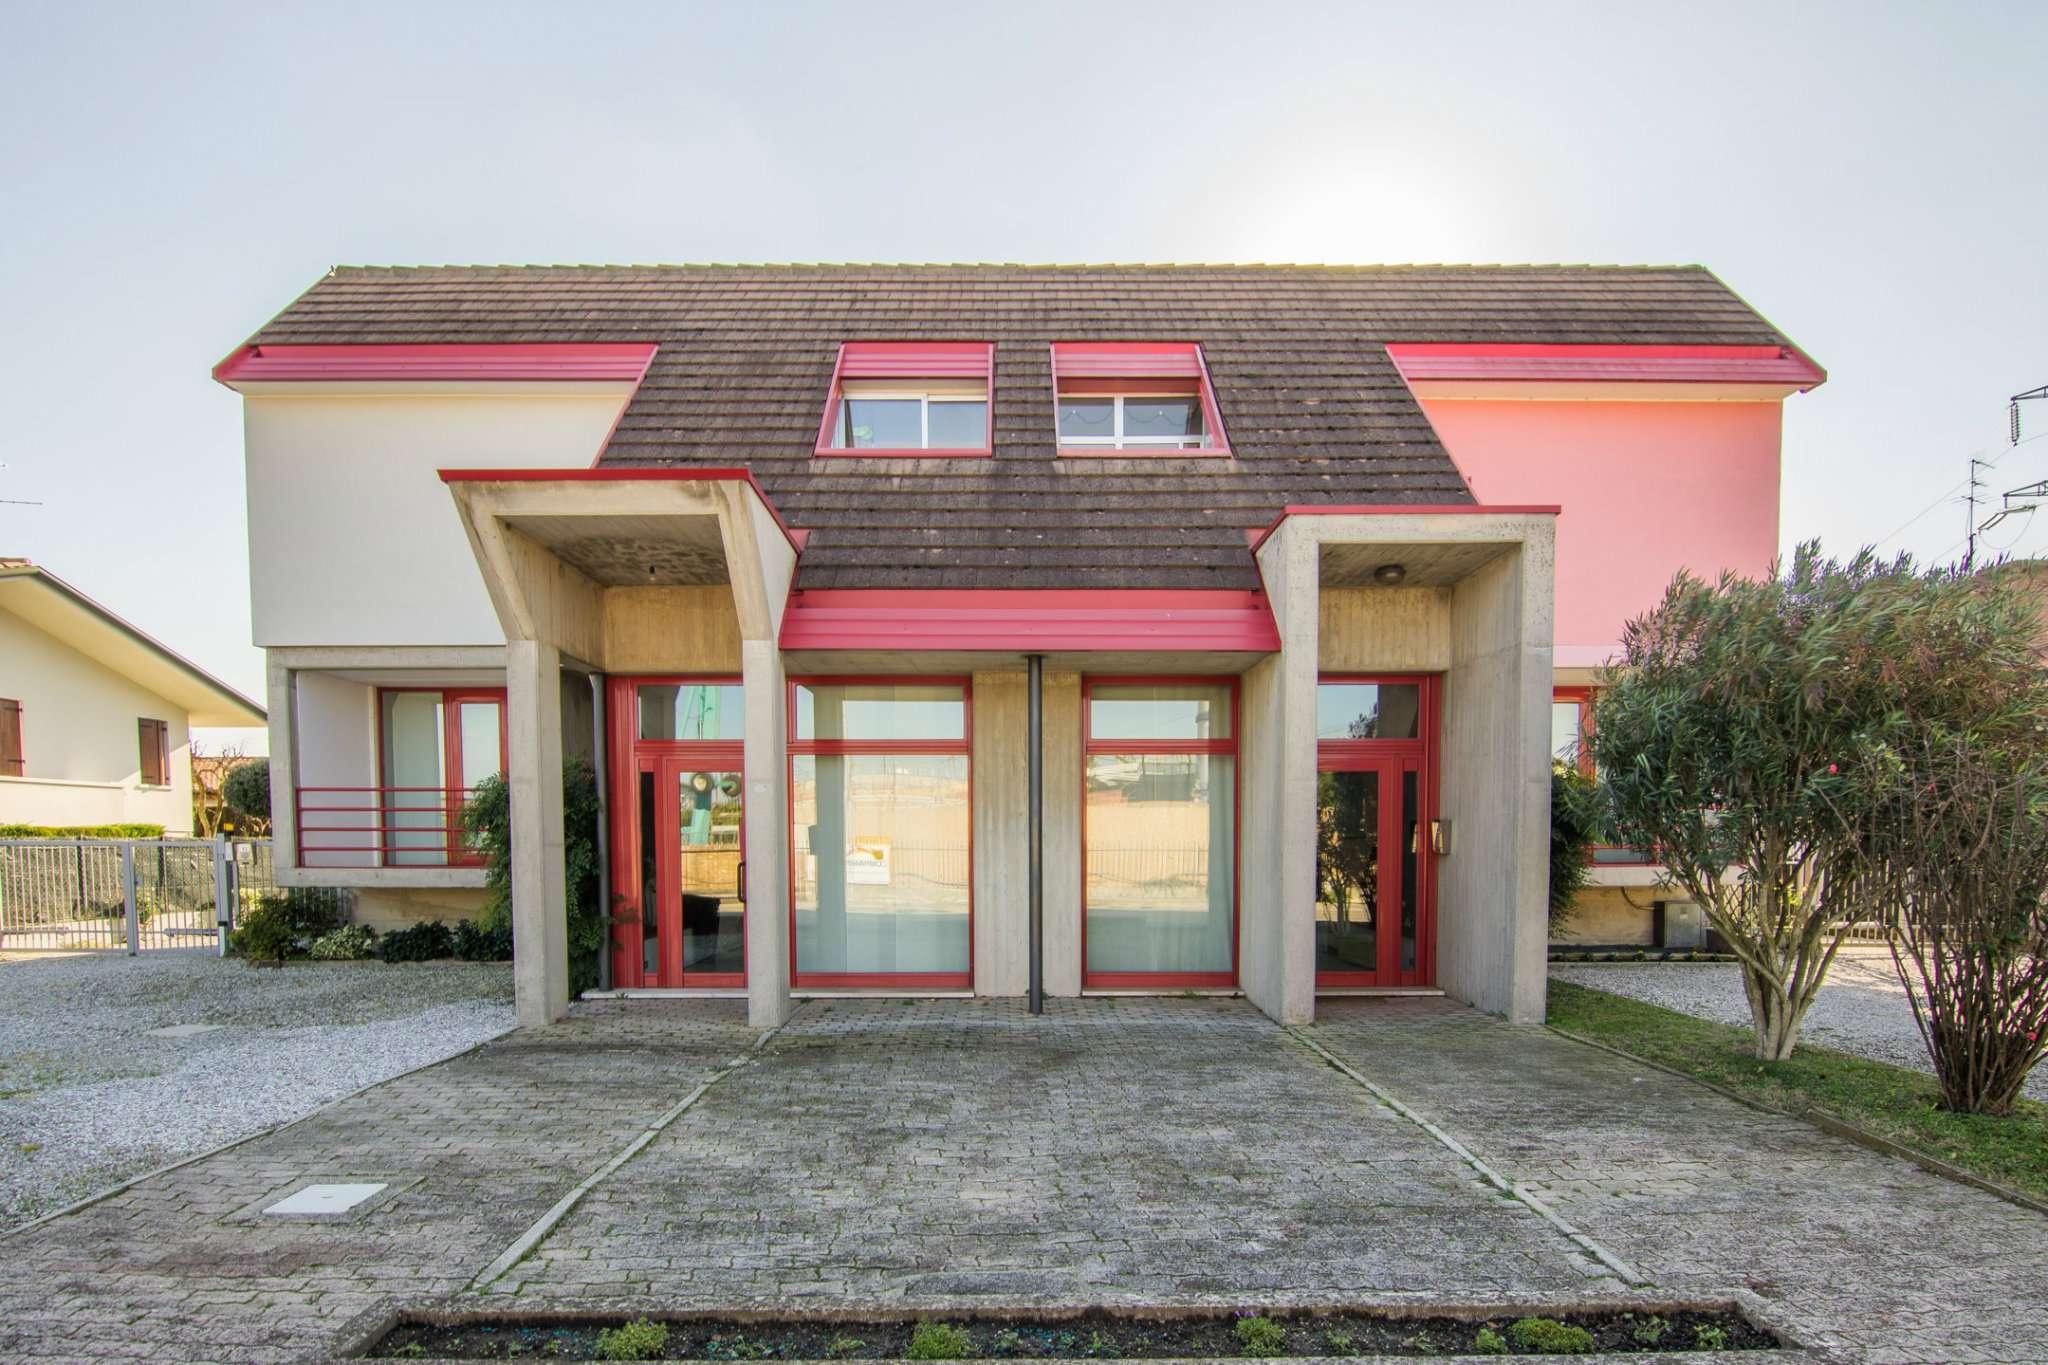 Ufficio / Studio in affitto a Fossò, 9999 locali, prezzo € 400 | CambioCasa.it